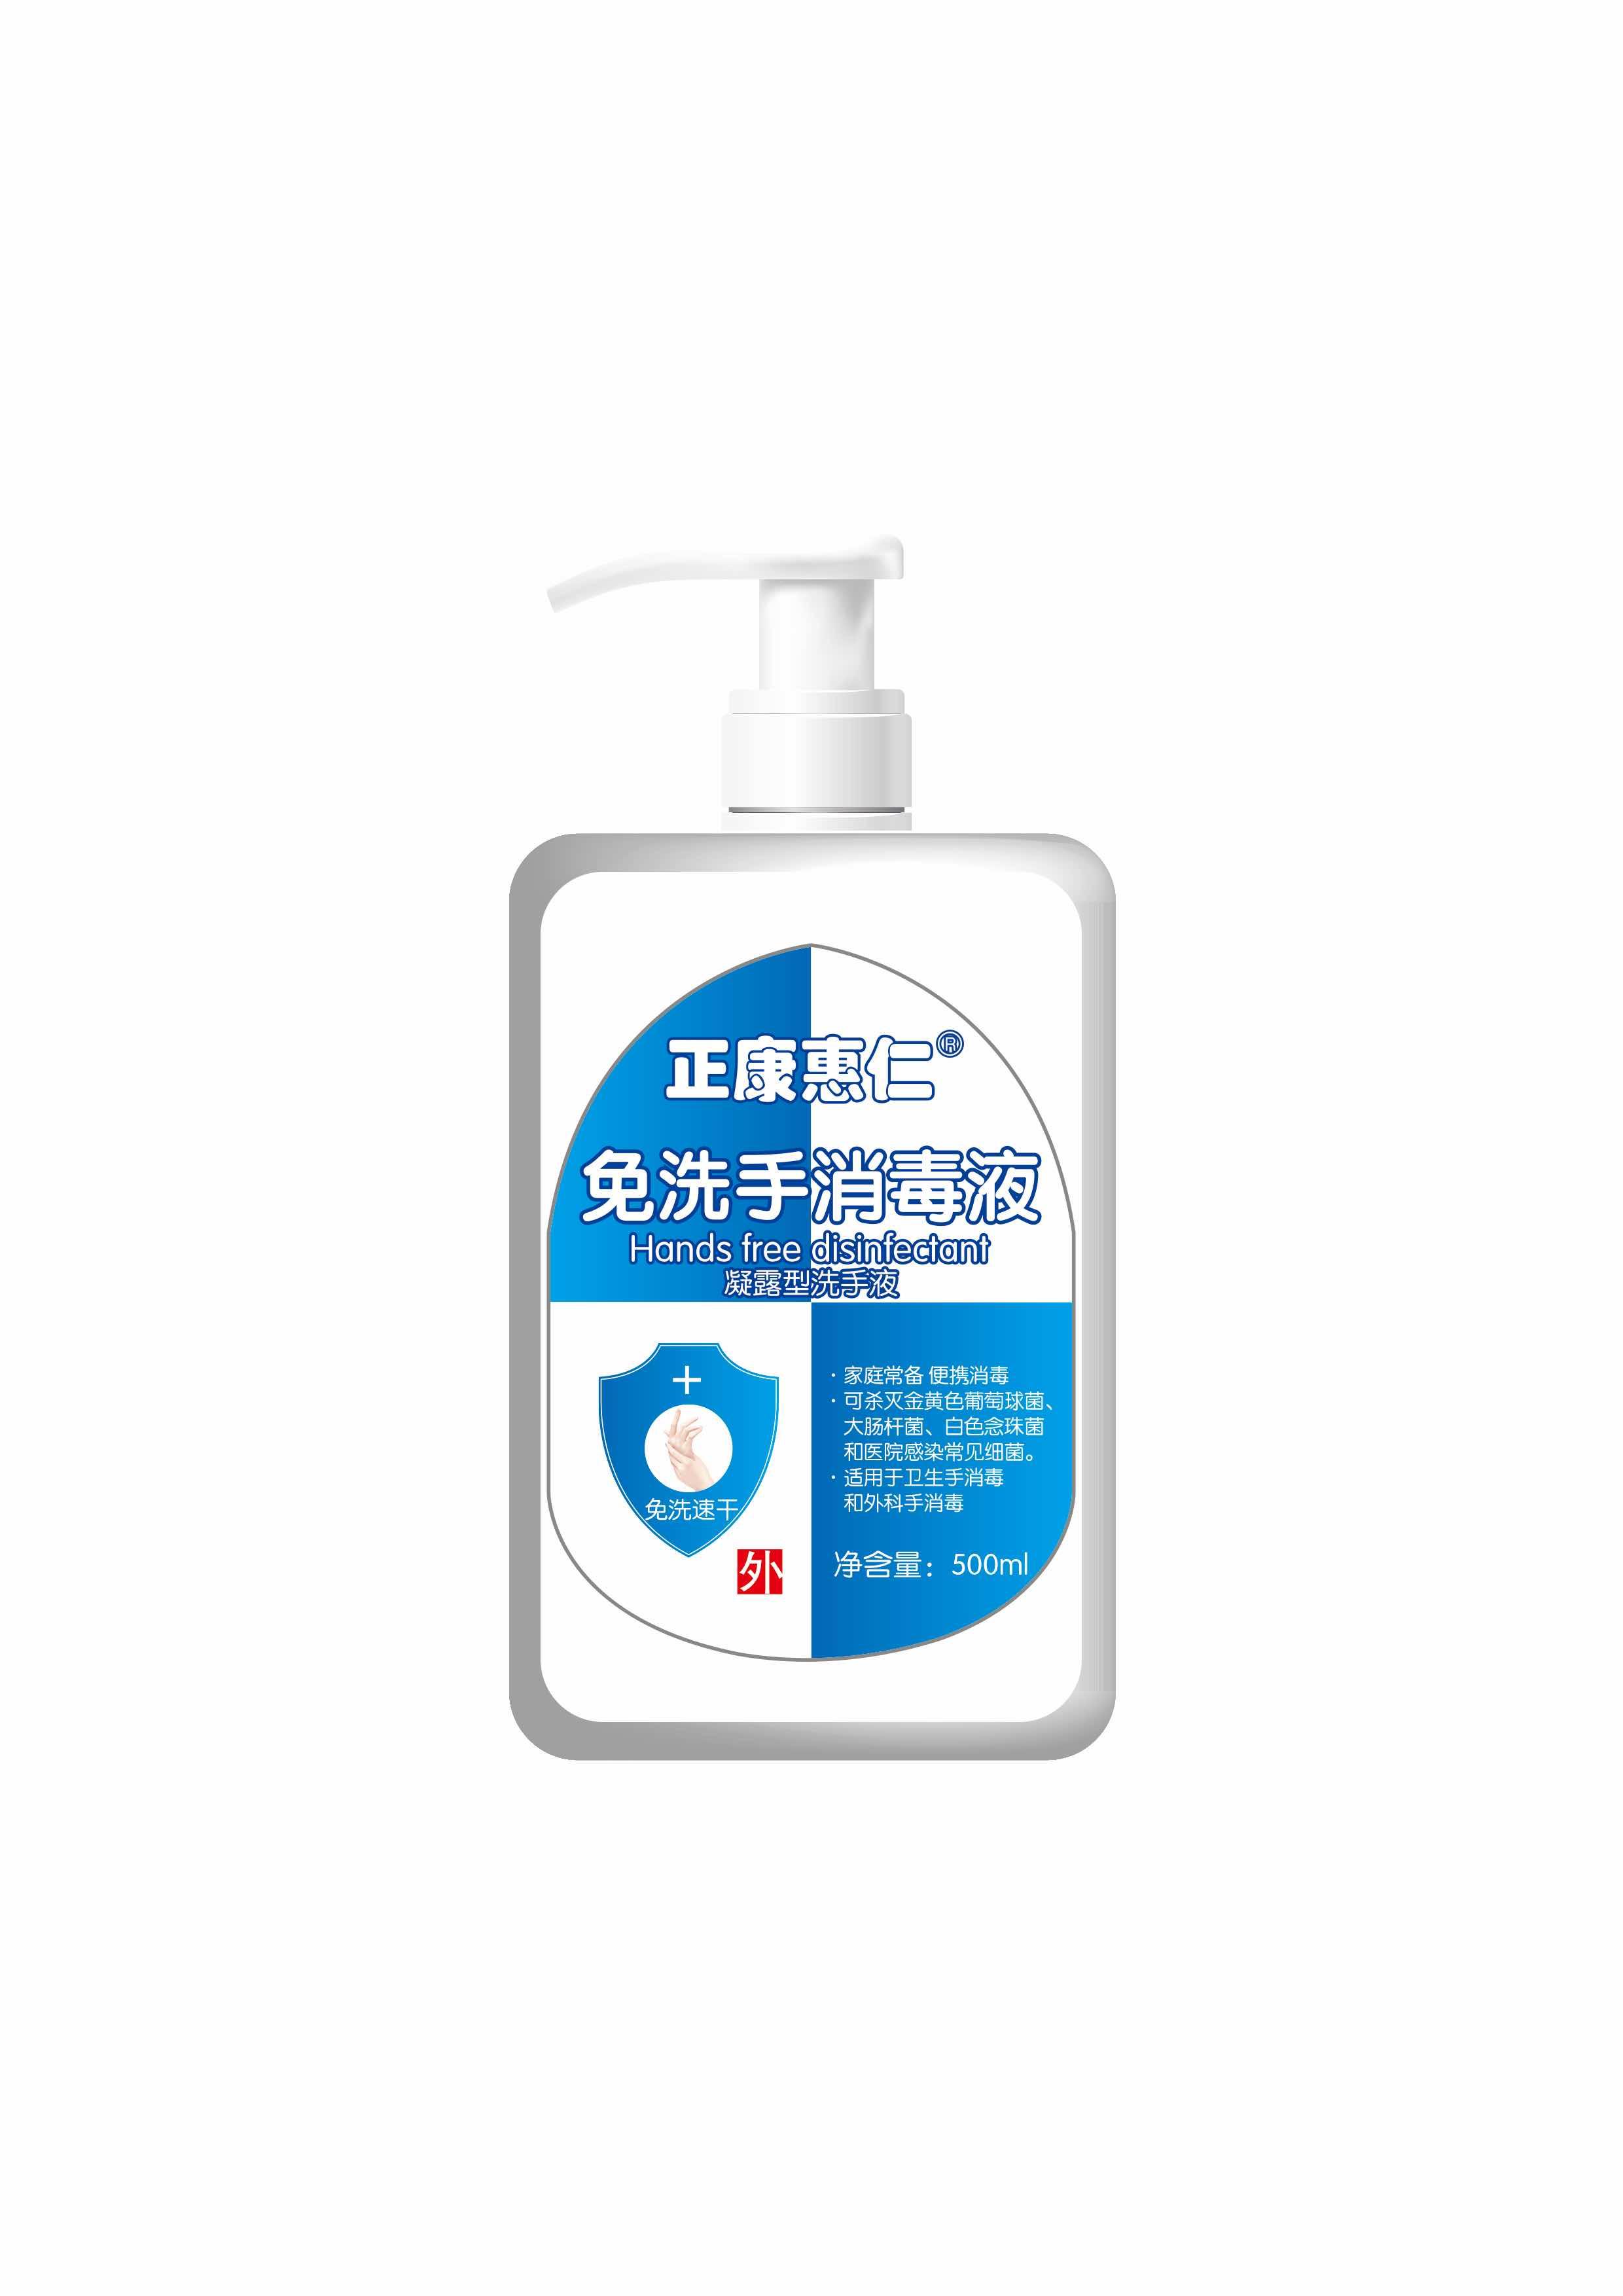 免洗手消毒液(凝胶)